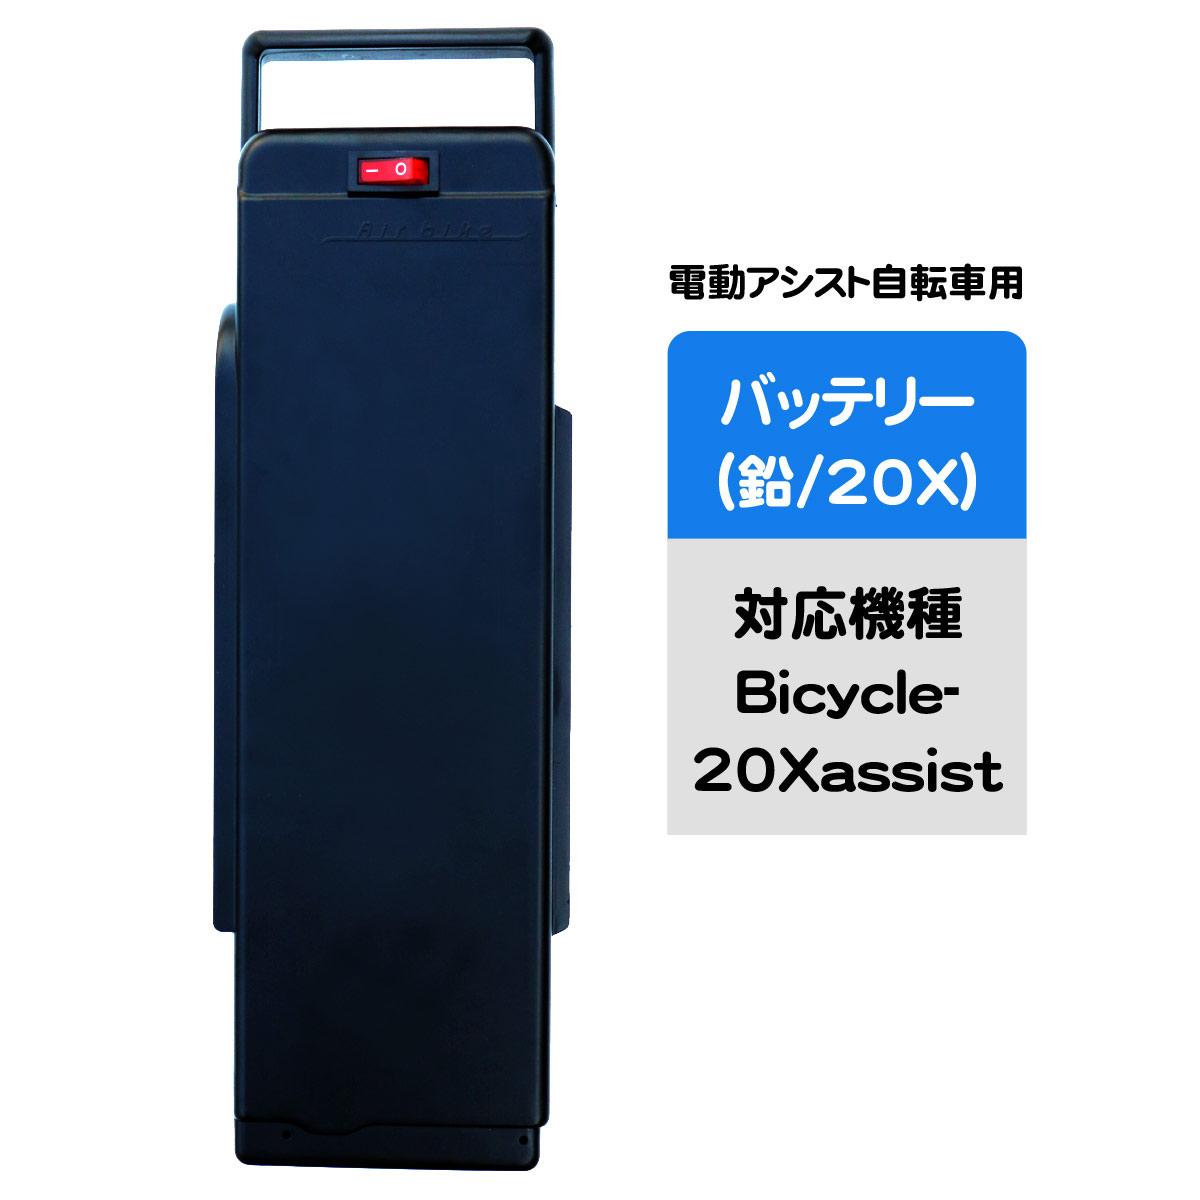 電動アシスト自転車用バッテリー 20X リード型 NEW ARRIVAL 安い